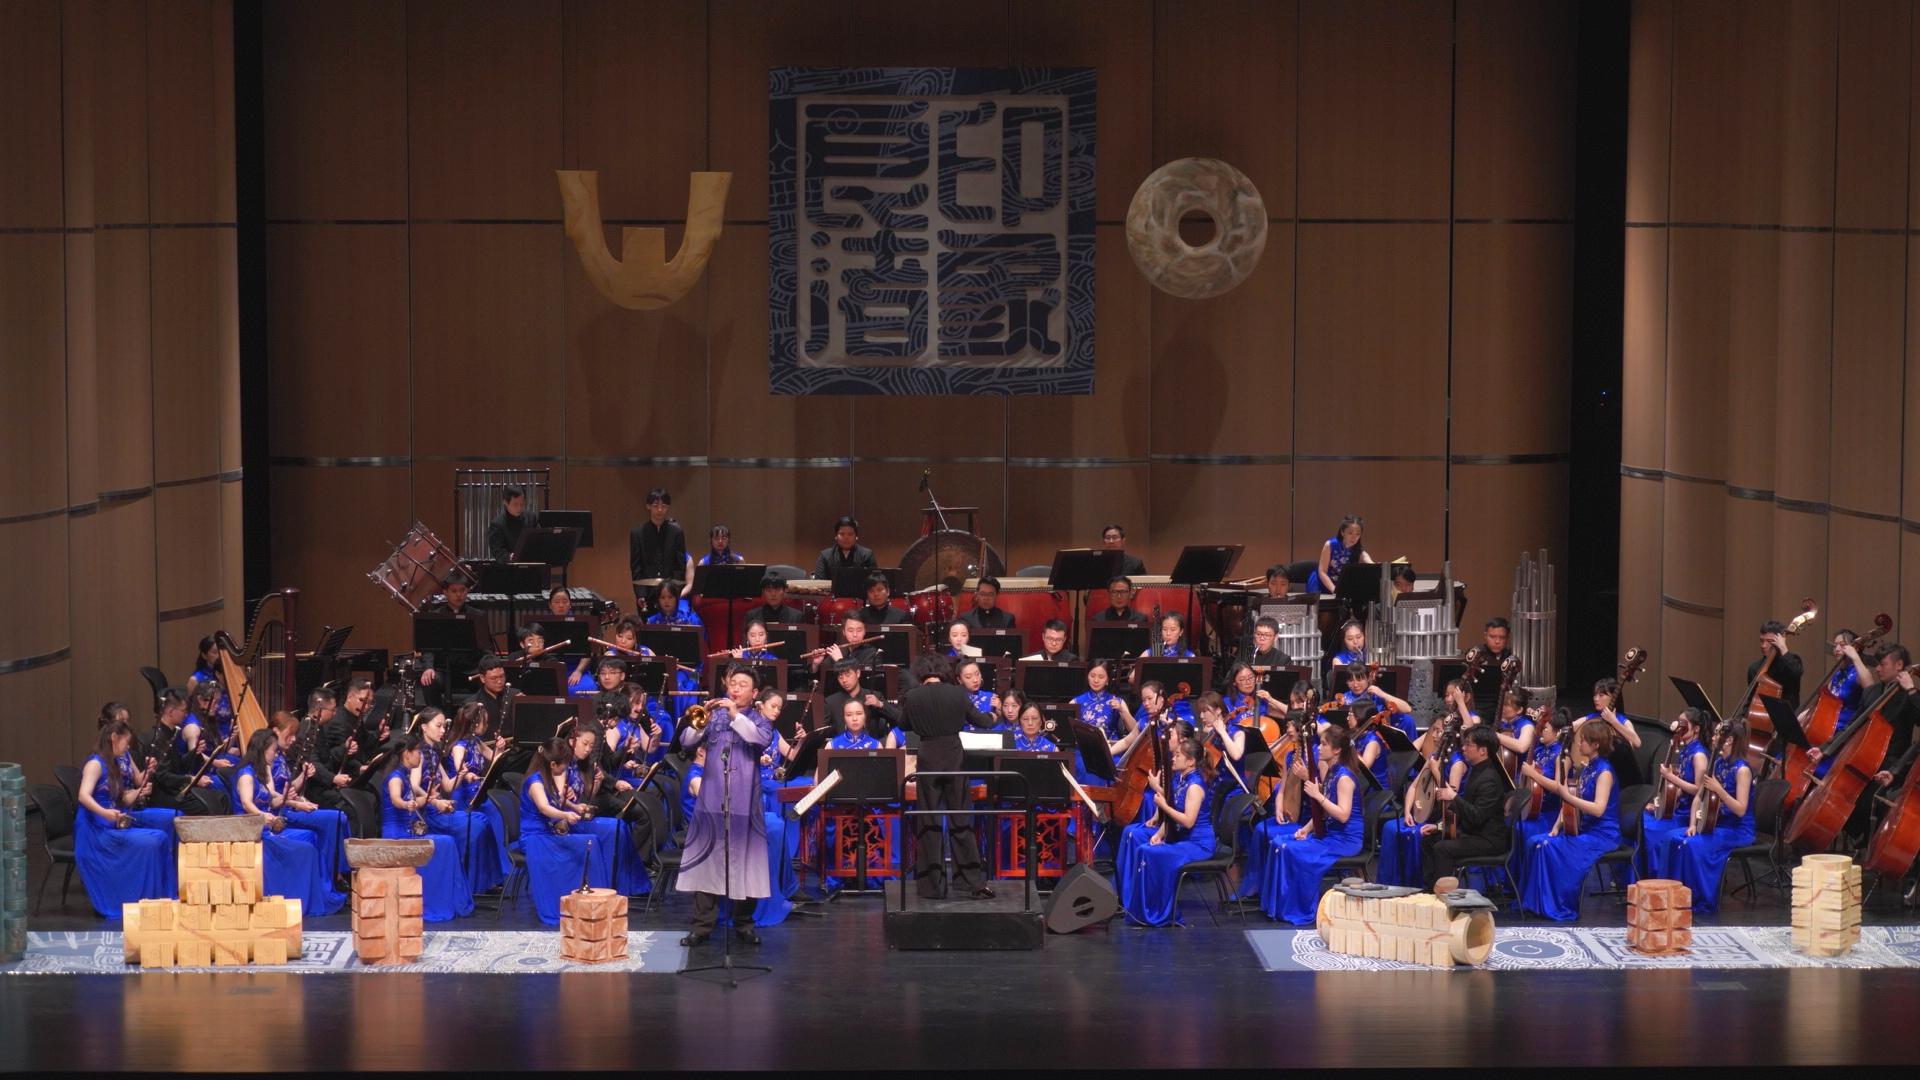 浙江:大型民族管弦乐《印象良渚》在杭州首演